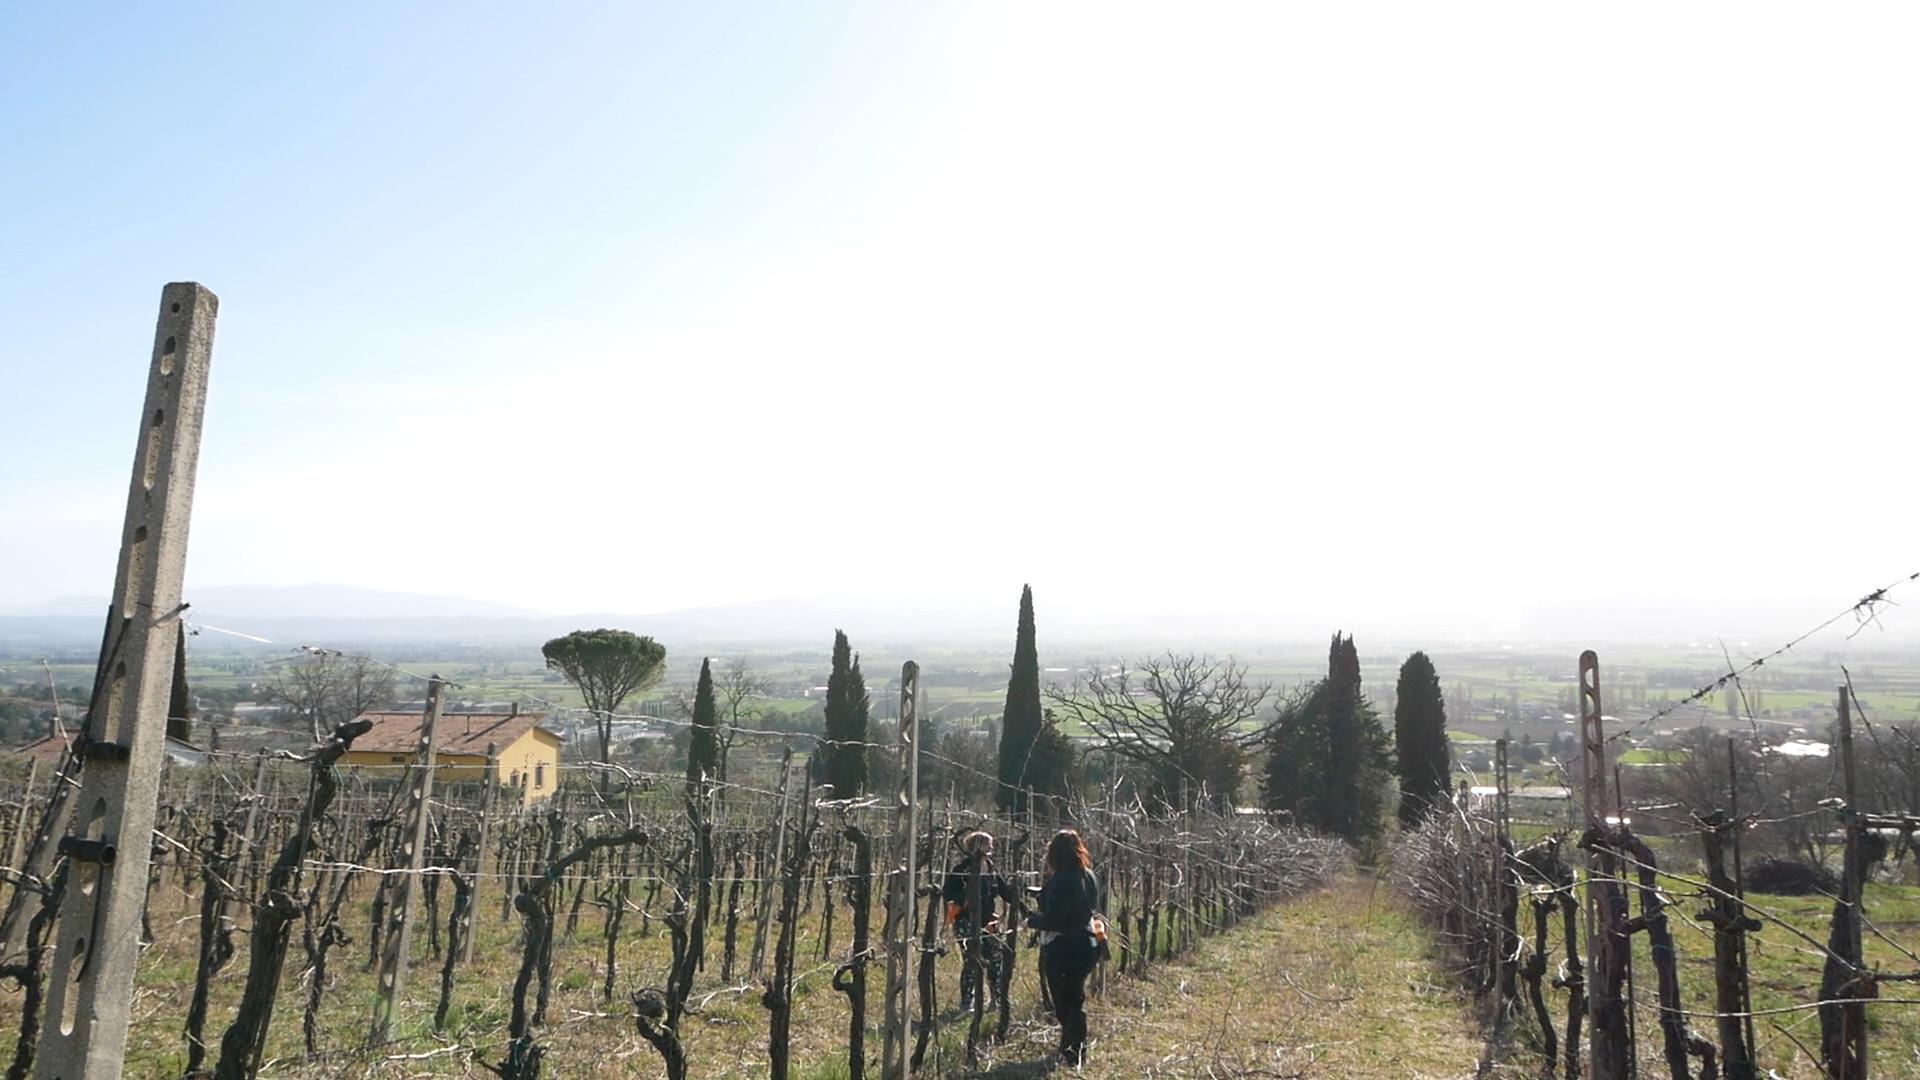 Esperienza sensoriale Assisi Tili Vini - Mastro potatore per un giorno 5